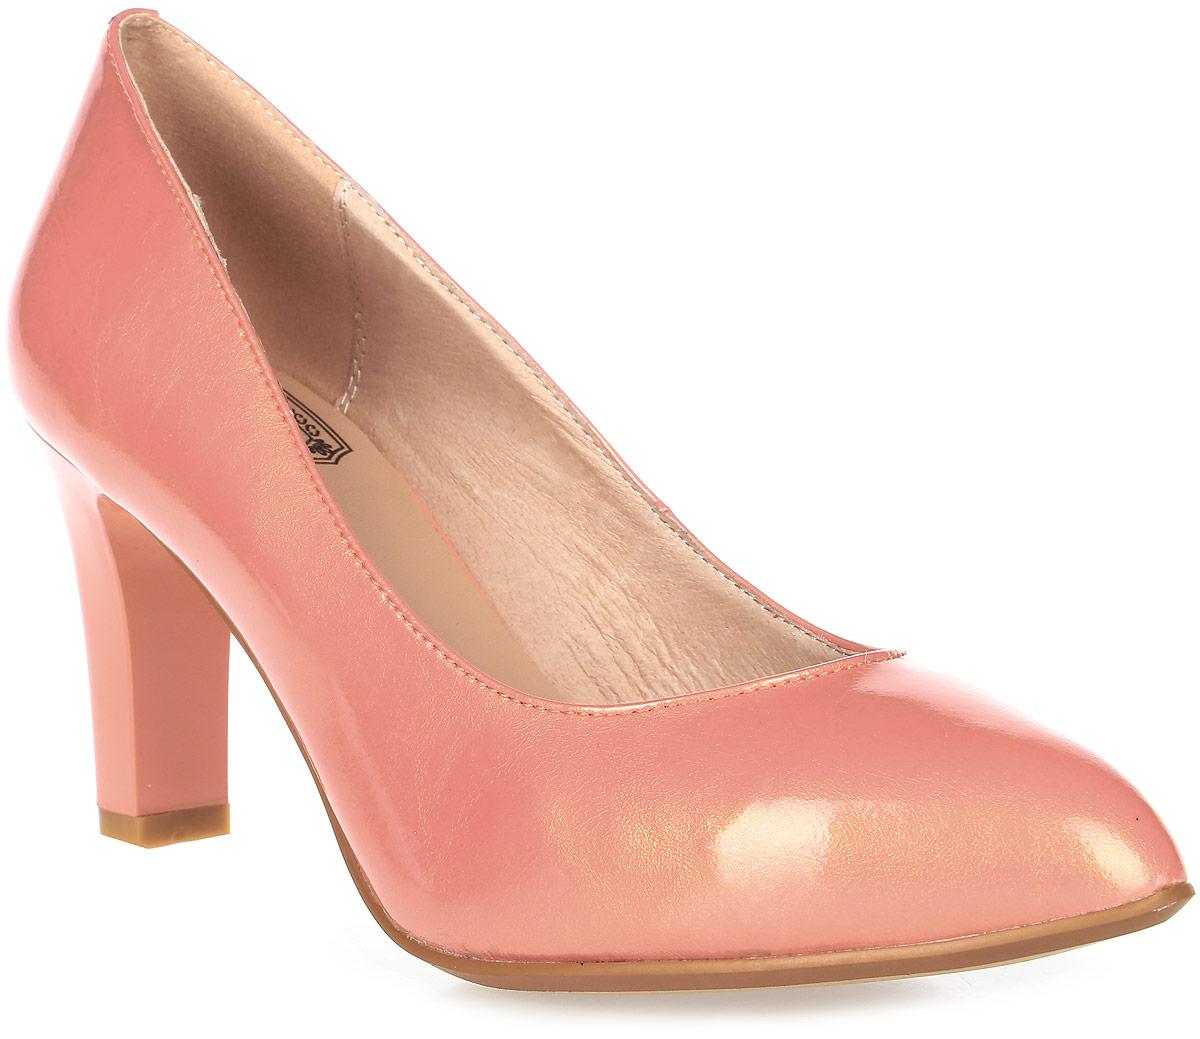 Туфли женские Palazzo Doro, цвет: розовый. S7E10-01-04. Размер 39S7E10-01-04Модные женские туфли от Palazzo Doro заинтересуют вас своим дизайном.Модель выполнена из высококачественной натуральной кожи. Зауженный носок смотрится стильно. Подкладка и стелька из натуральной кожи обеспечивают комфорт при движении.Подошва дополнена противоскользящим рифлением.Роскошные туфли помогут вам создать элегантный образ.